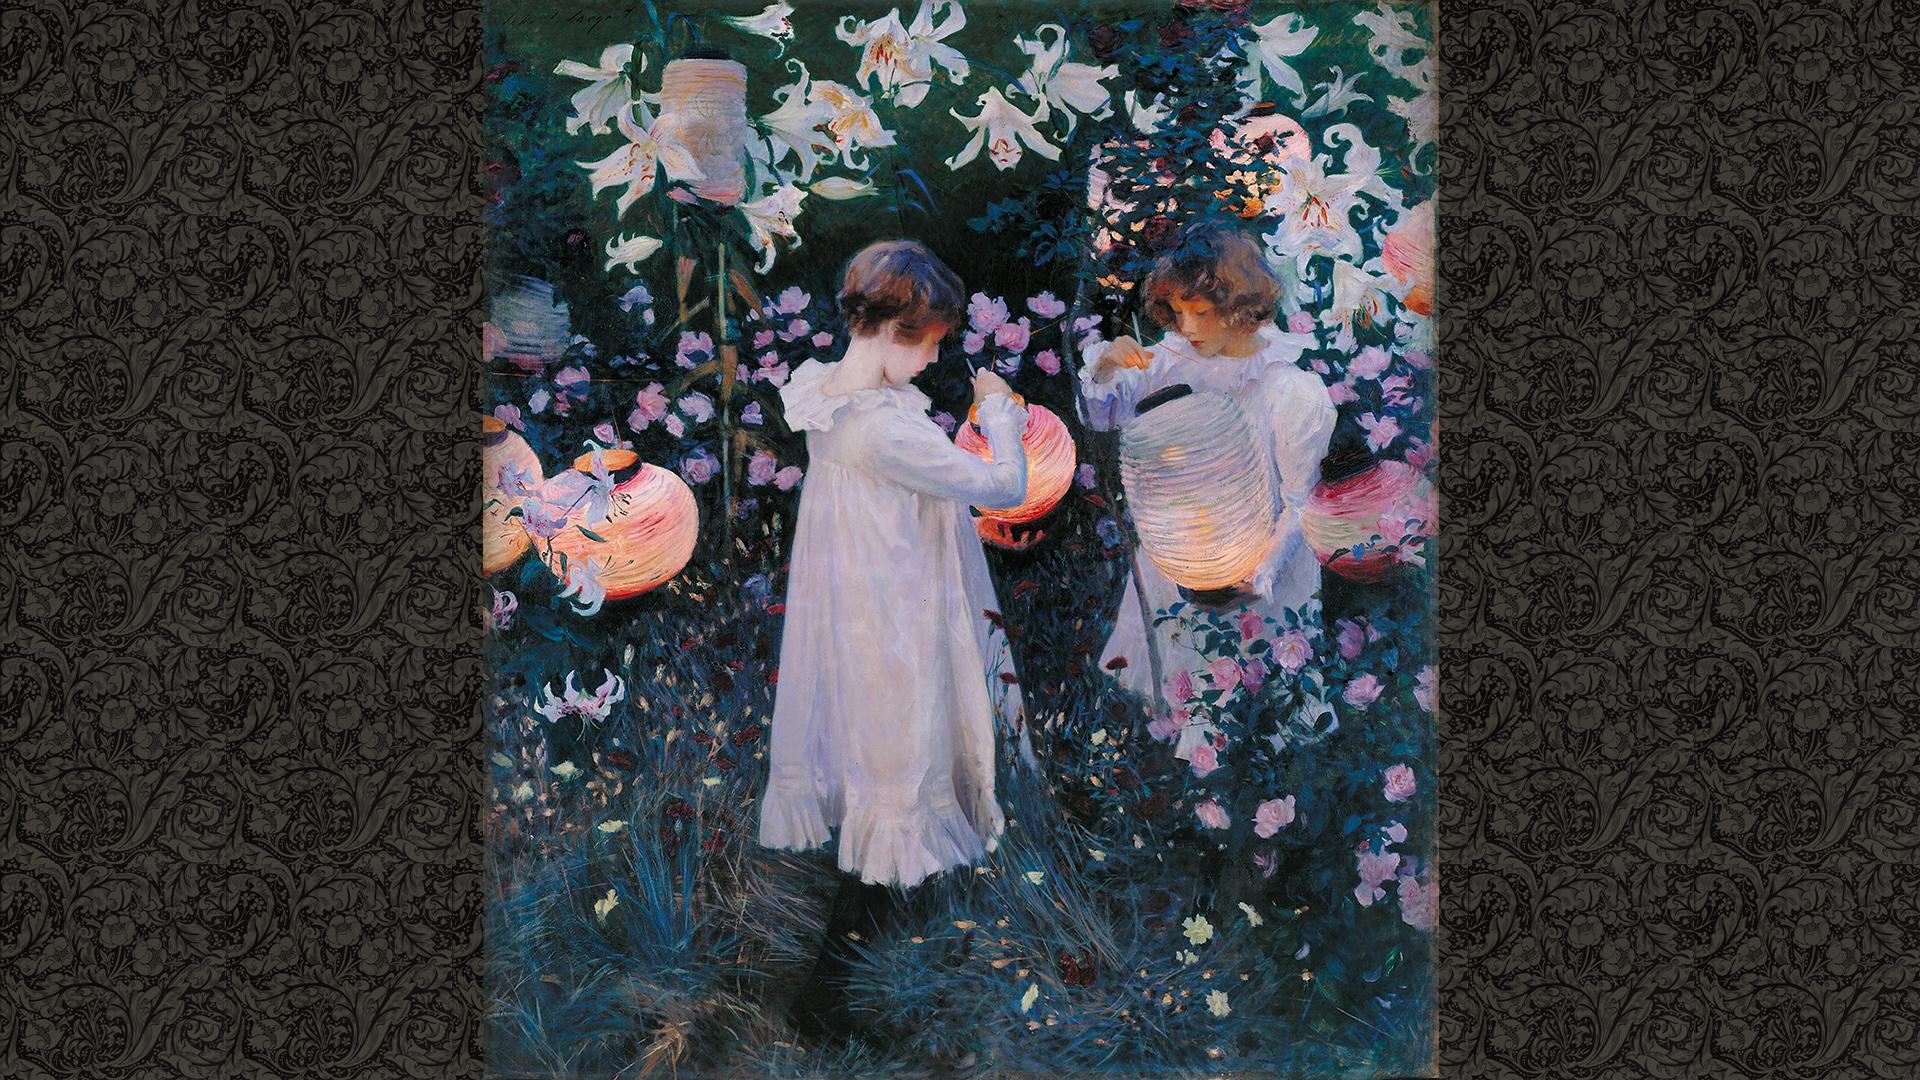 John Singer Sargent-carnation lily lily rose_1920X1080